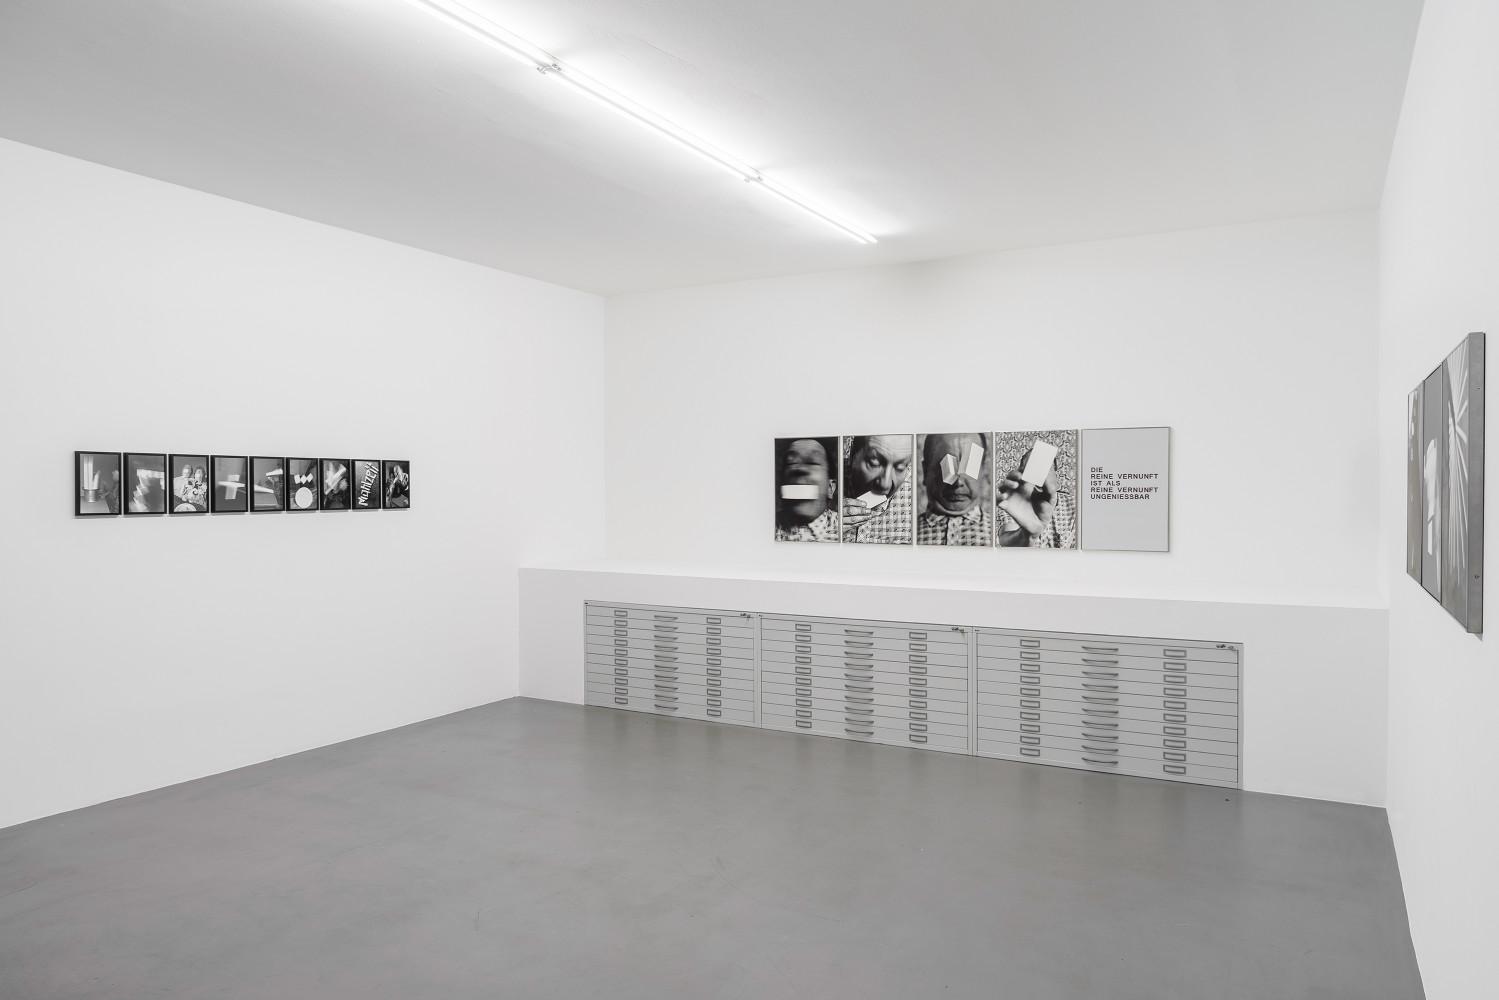 Anna & Bernhard Blume, 'Spiritistische Sequenzen ', Installation view, Buchmann Box, 2016–2017